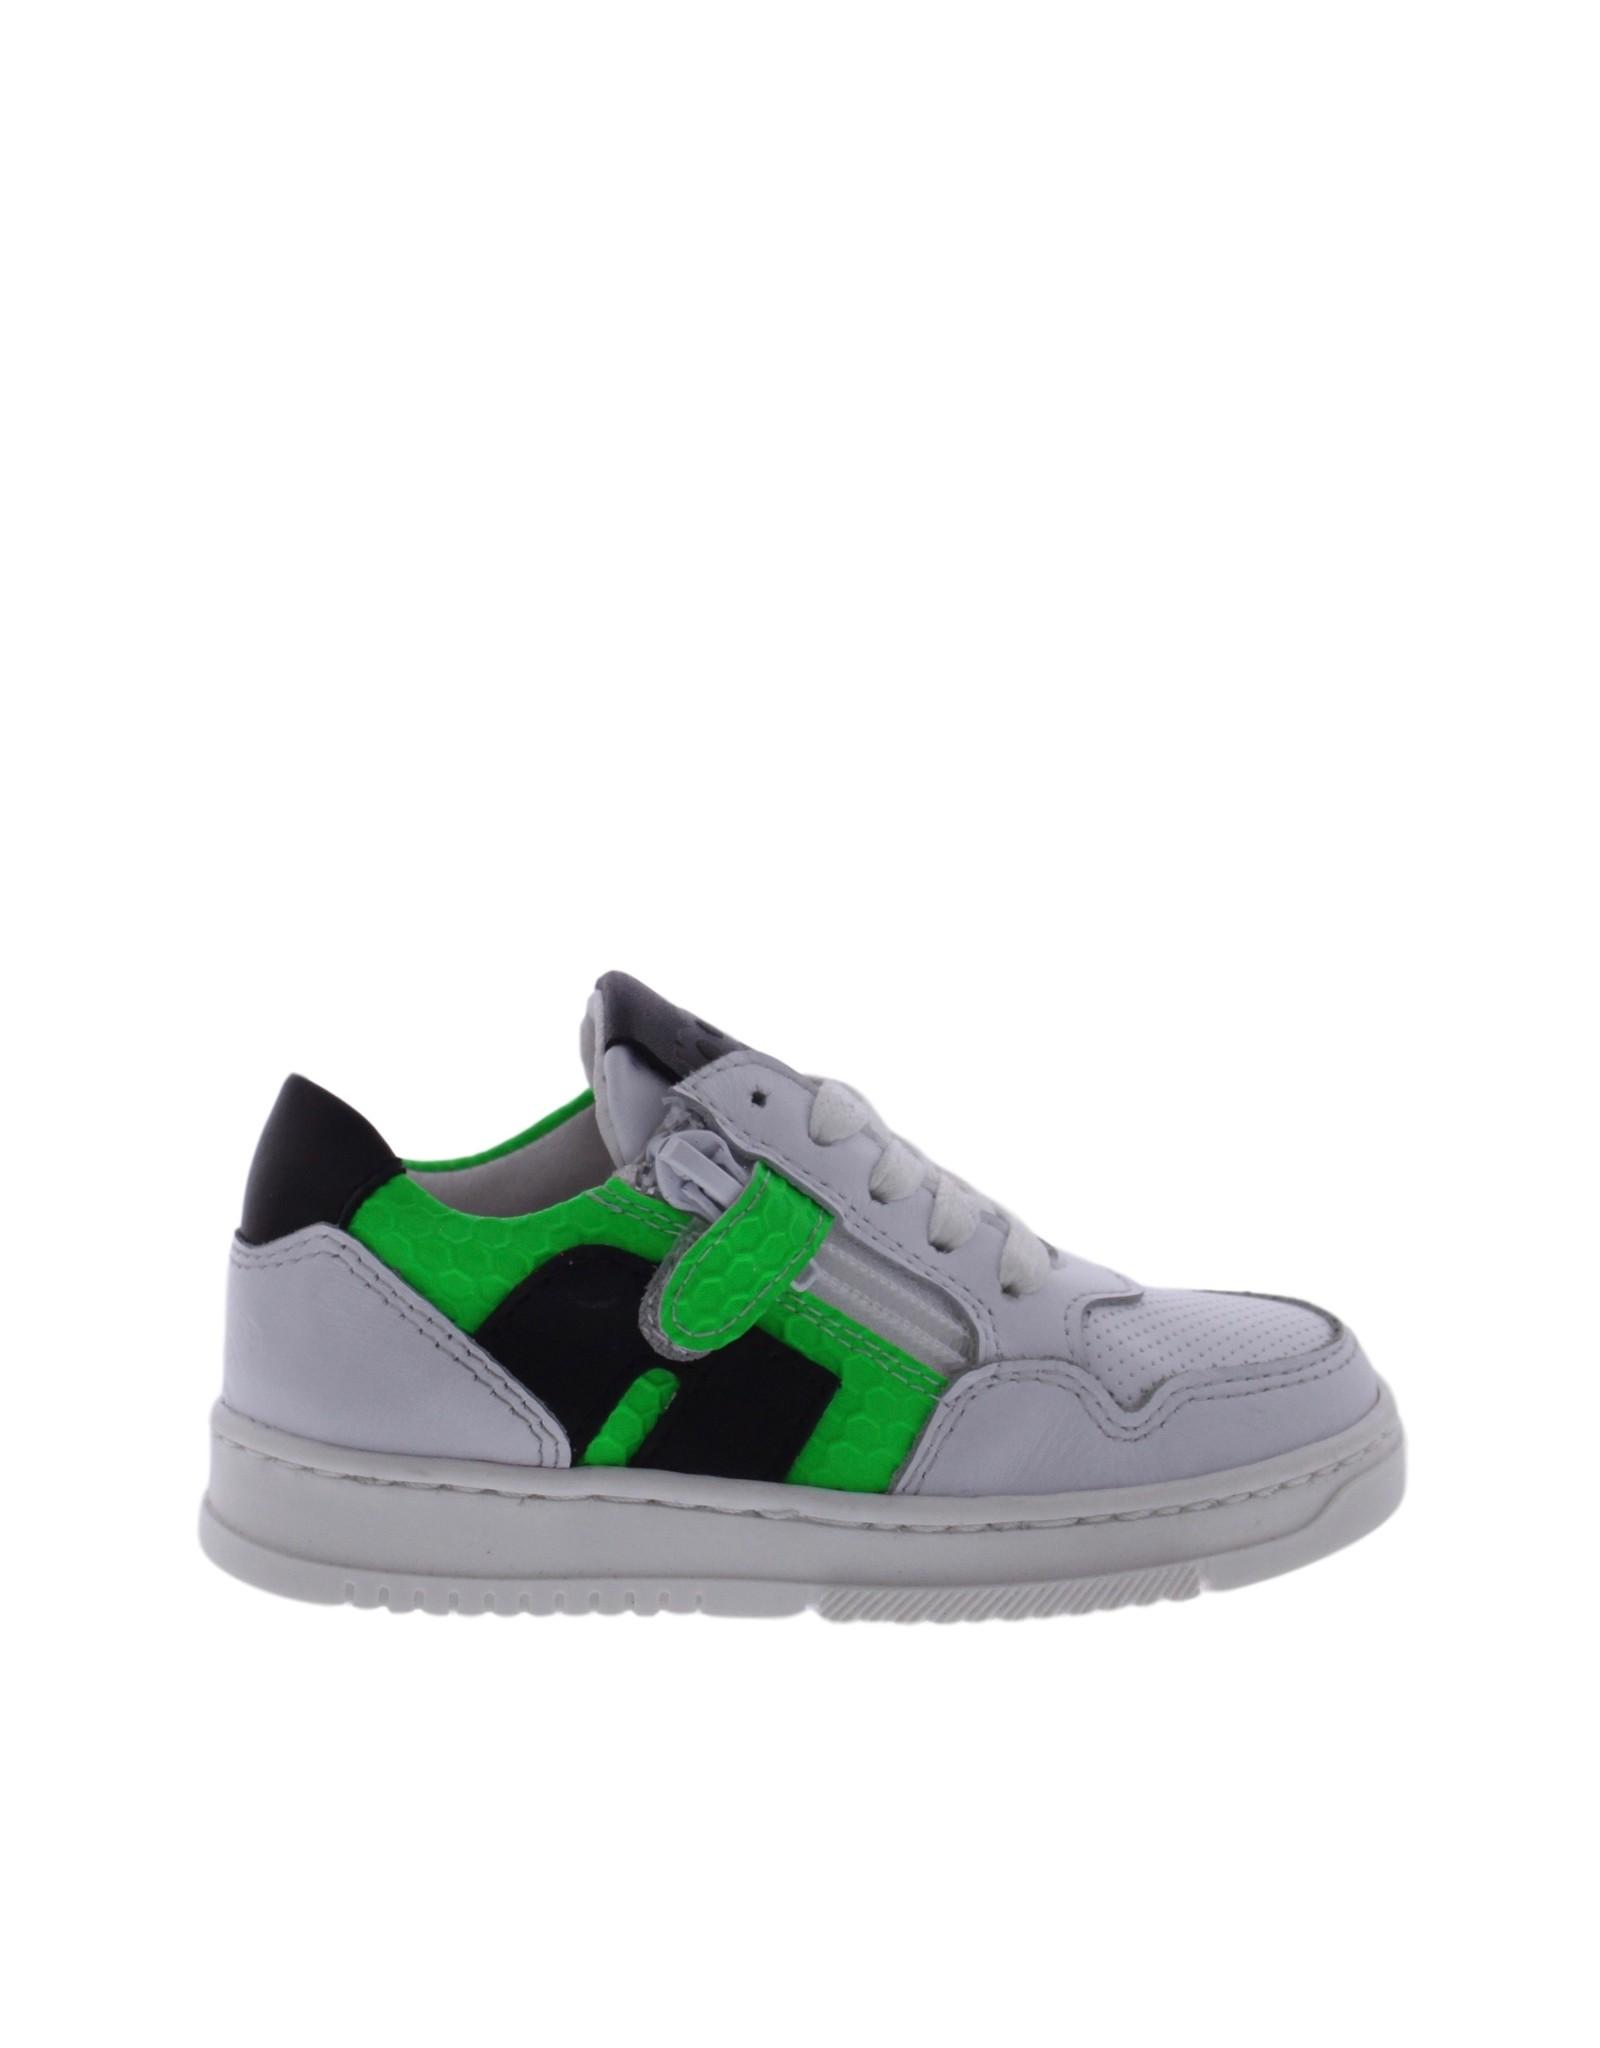 Piedro Piedro - Wit Groen Jongens Sneaker